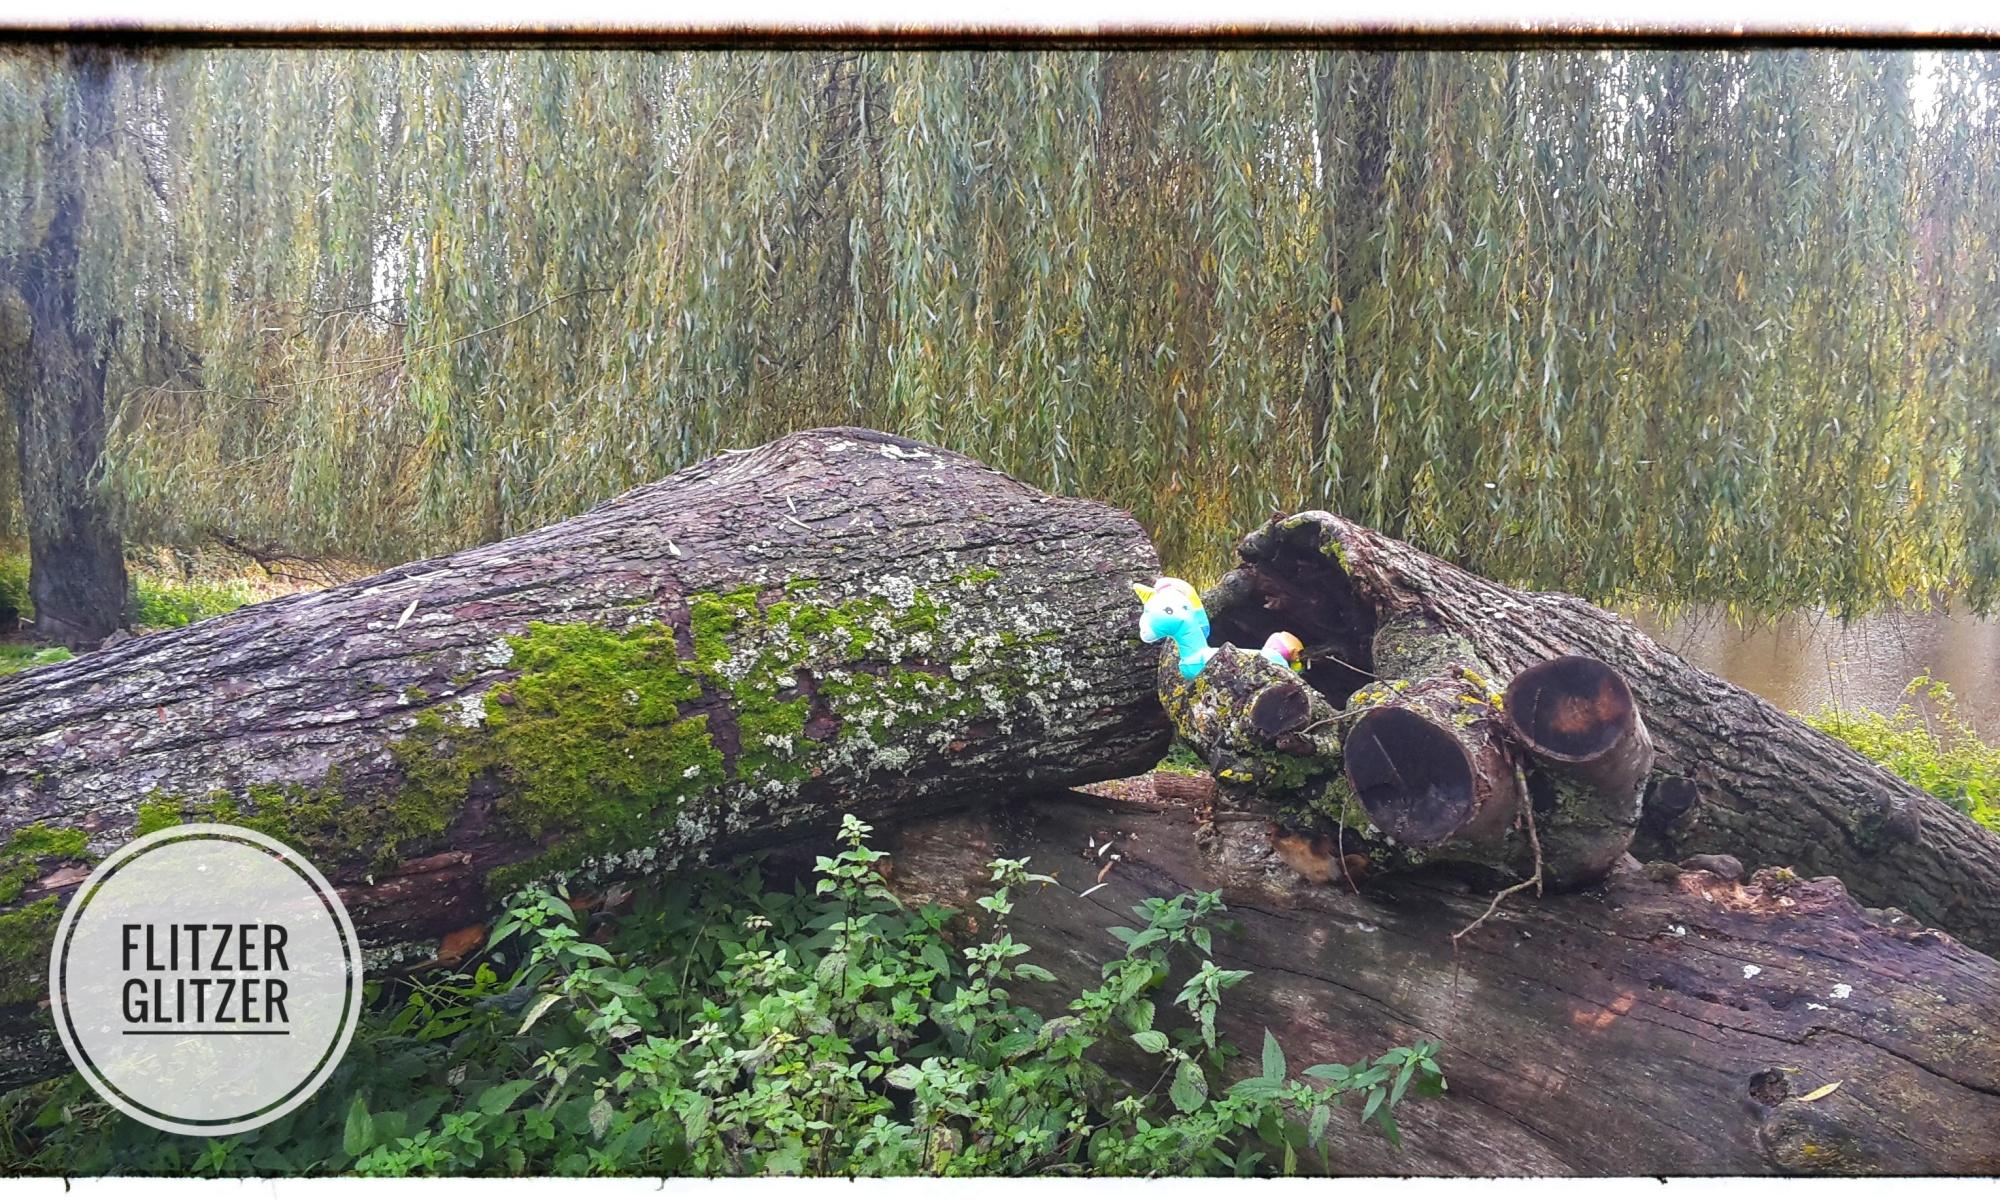 Kleines buntes Plastikeinhorn auf umgefallenen Baumstämmmen